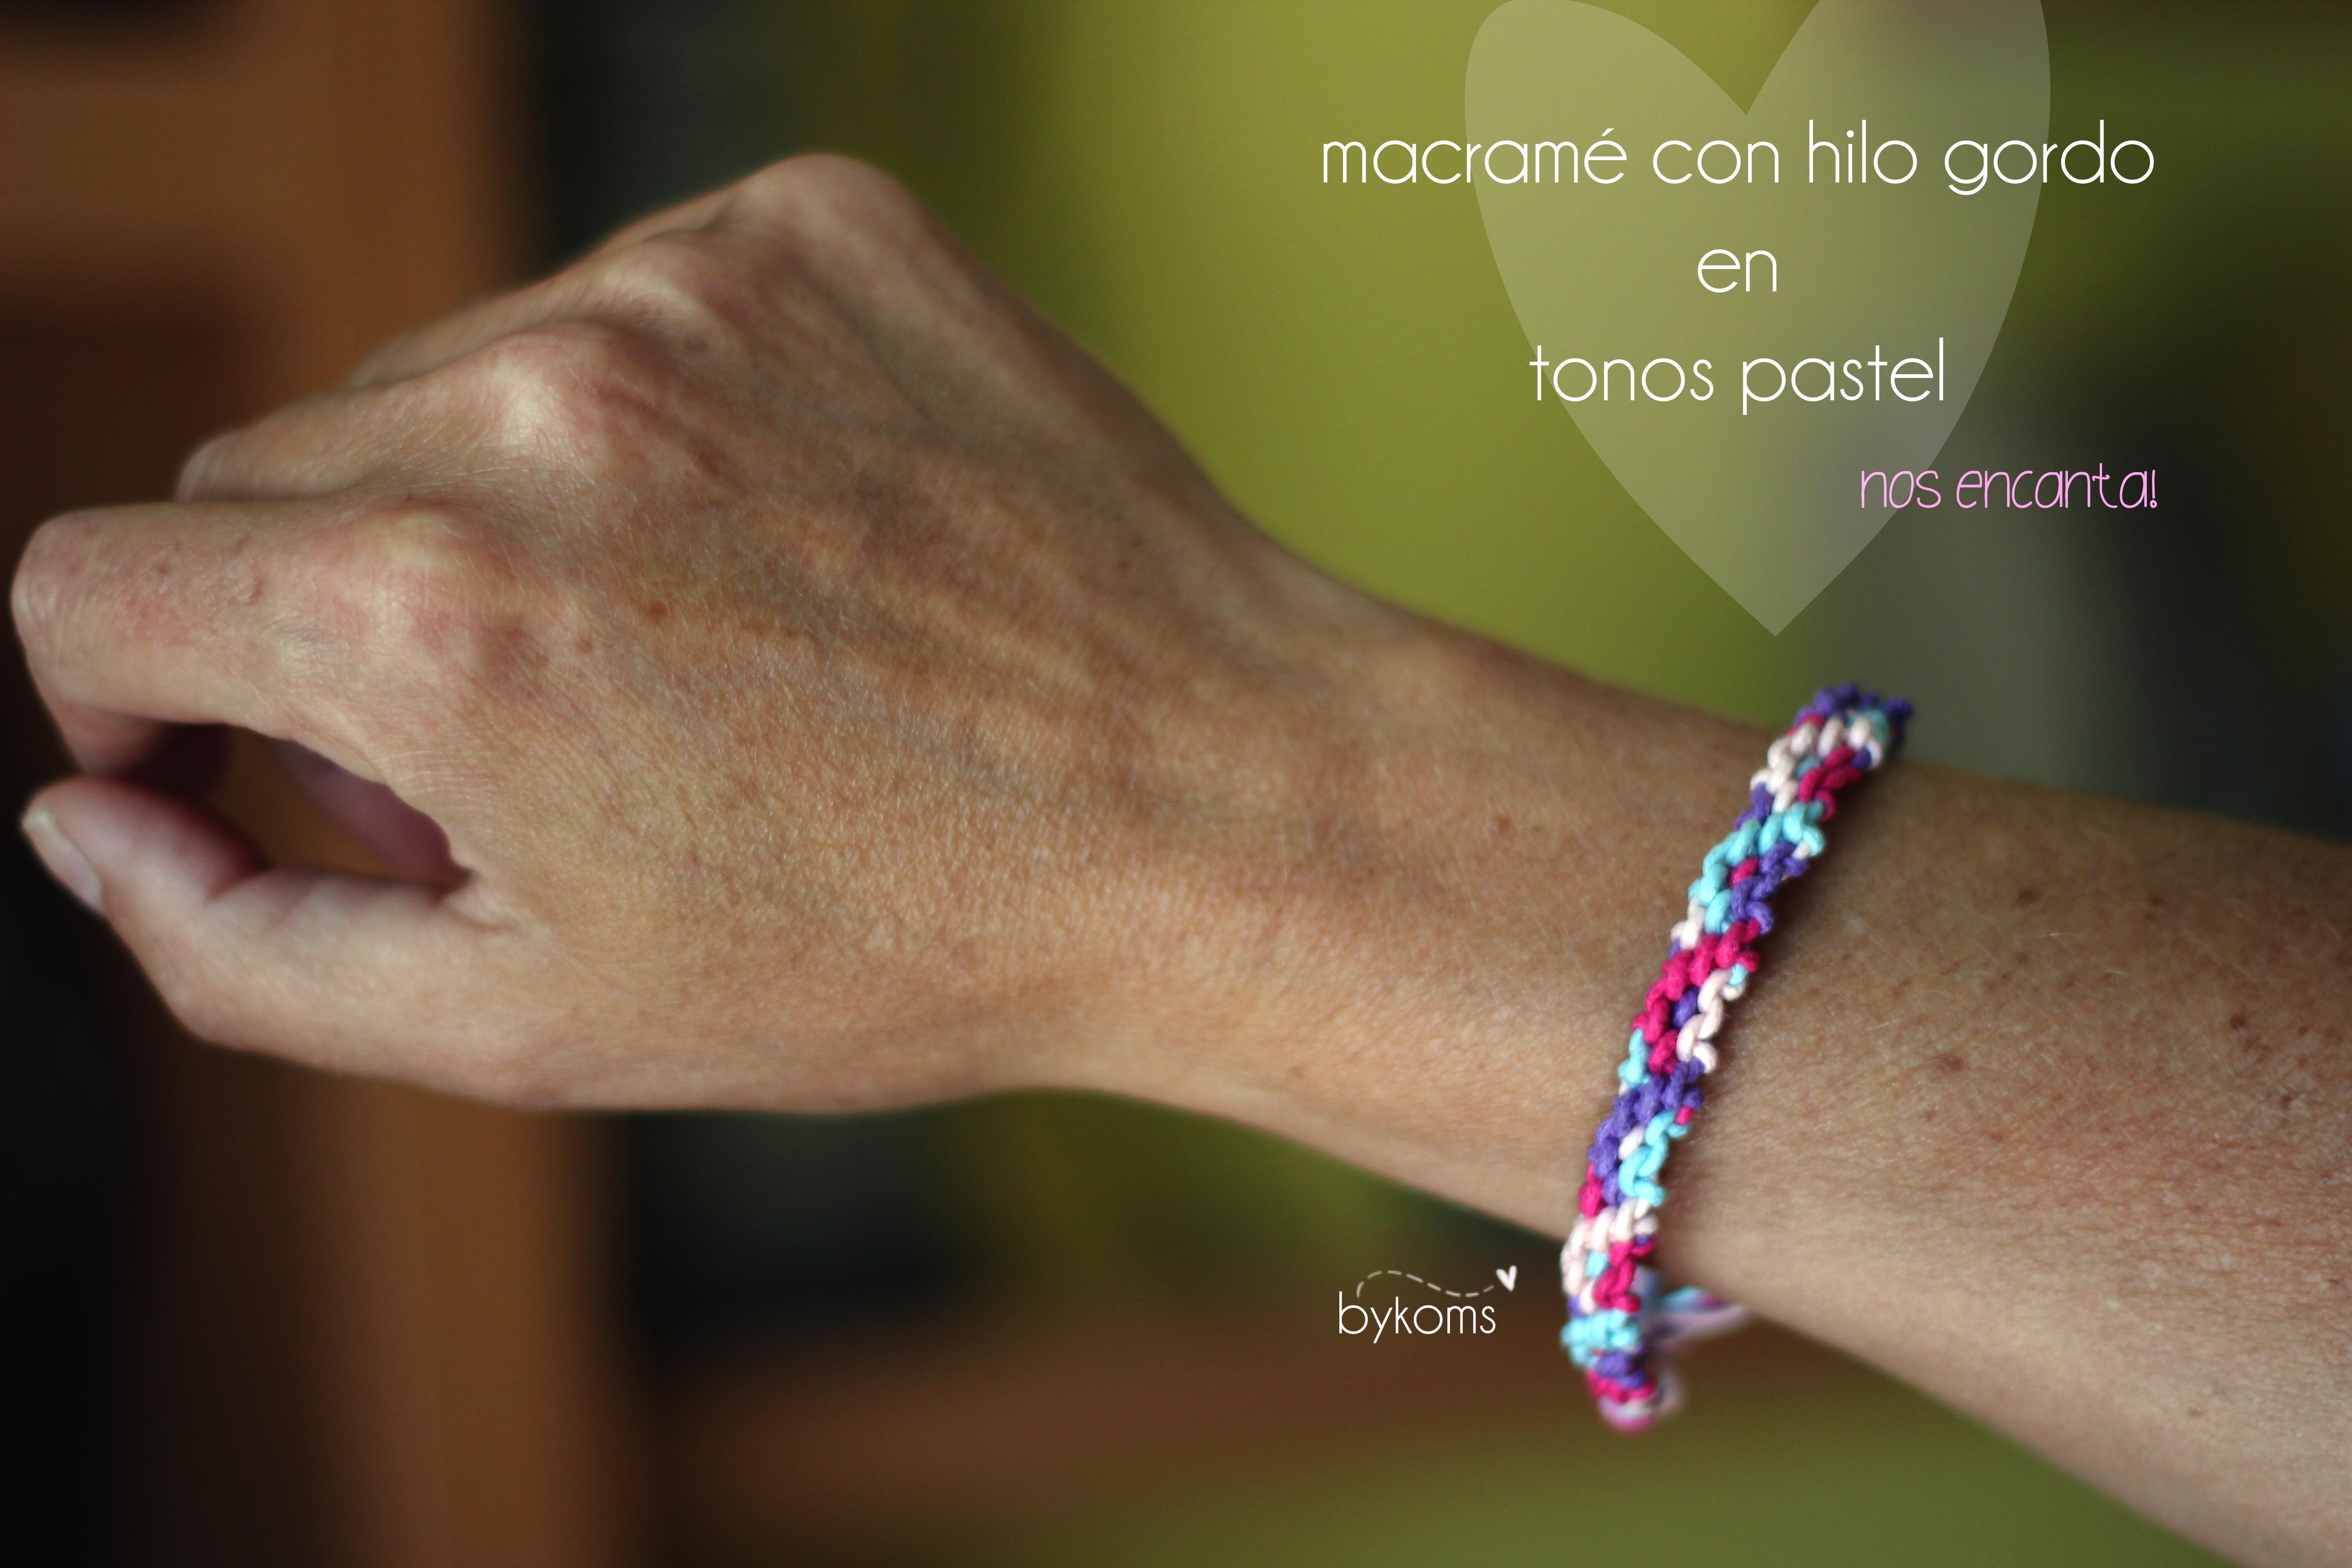 Pulsera macramé con hilo grueso en colores pastel. Precio: 3€ Contacto: bykoms.accesorios@gmail.com